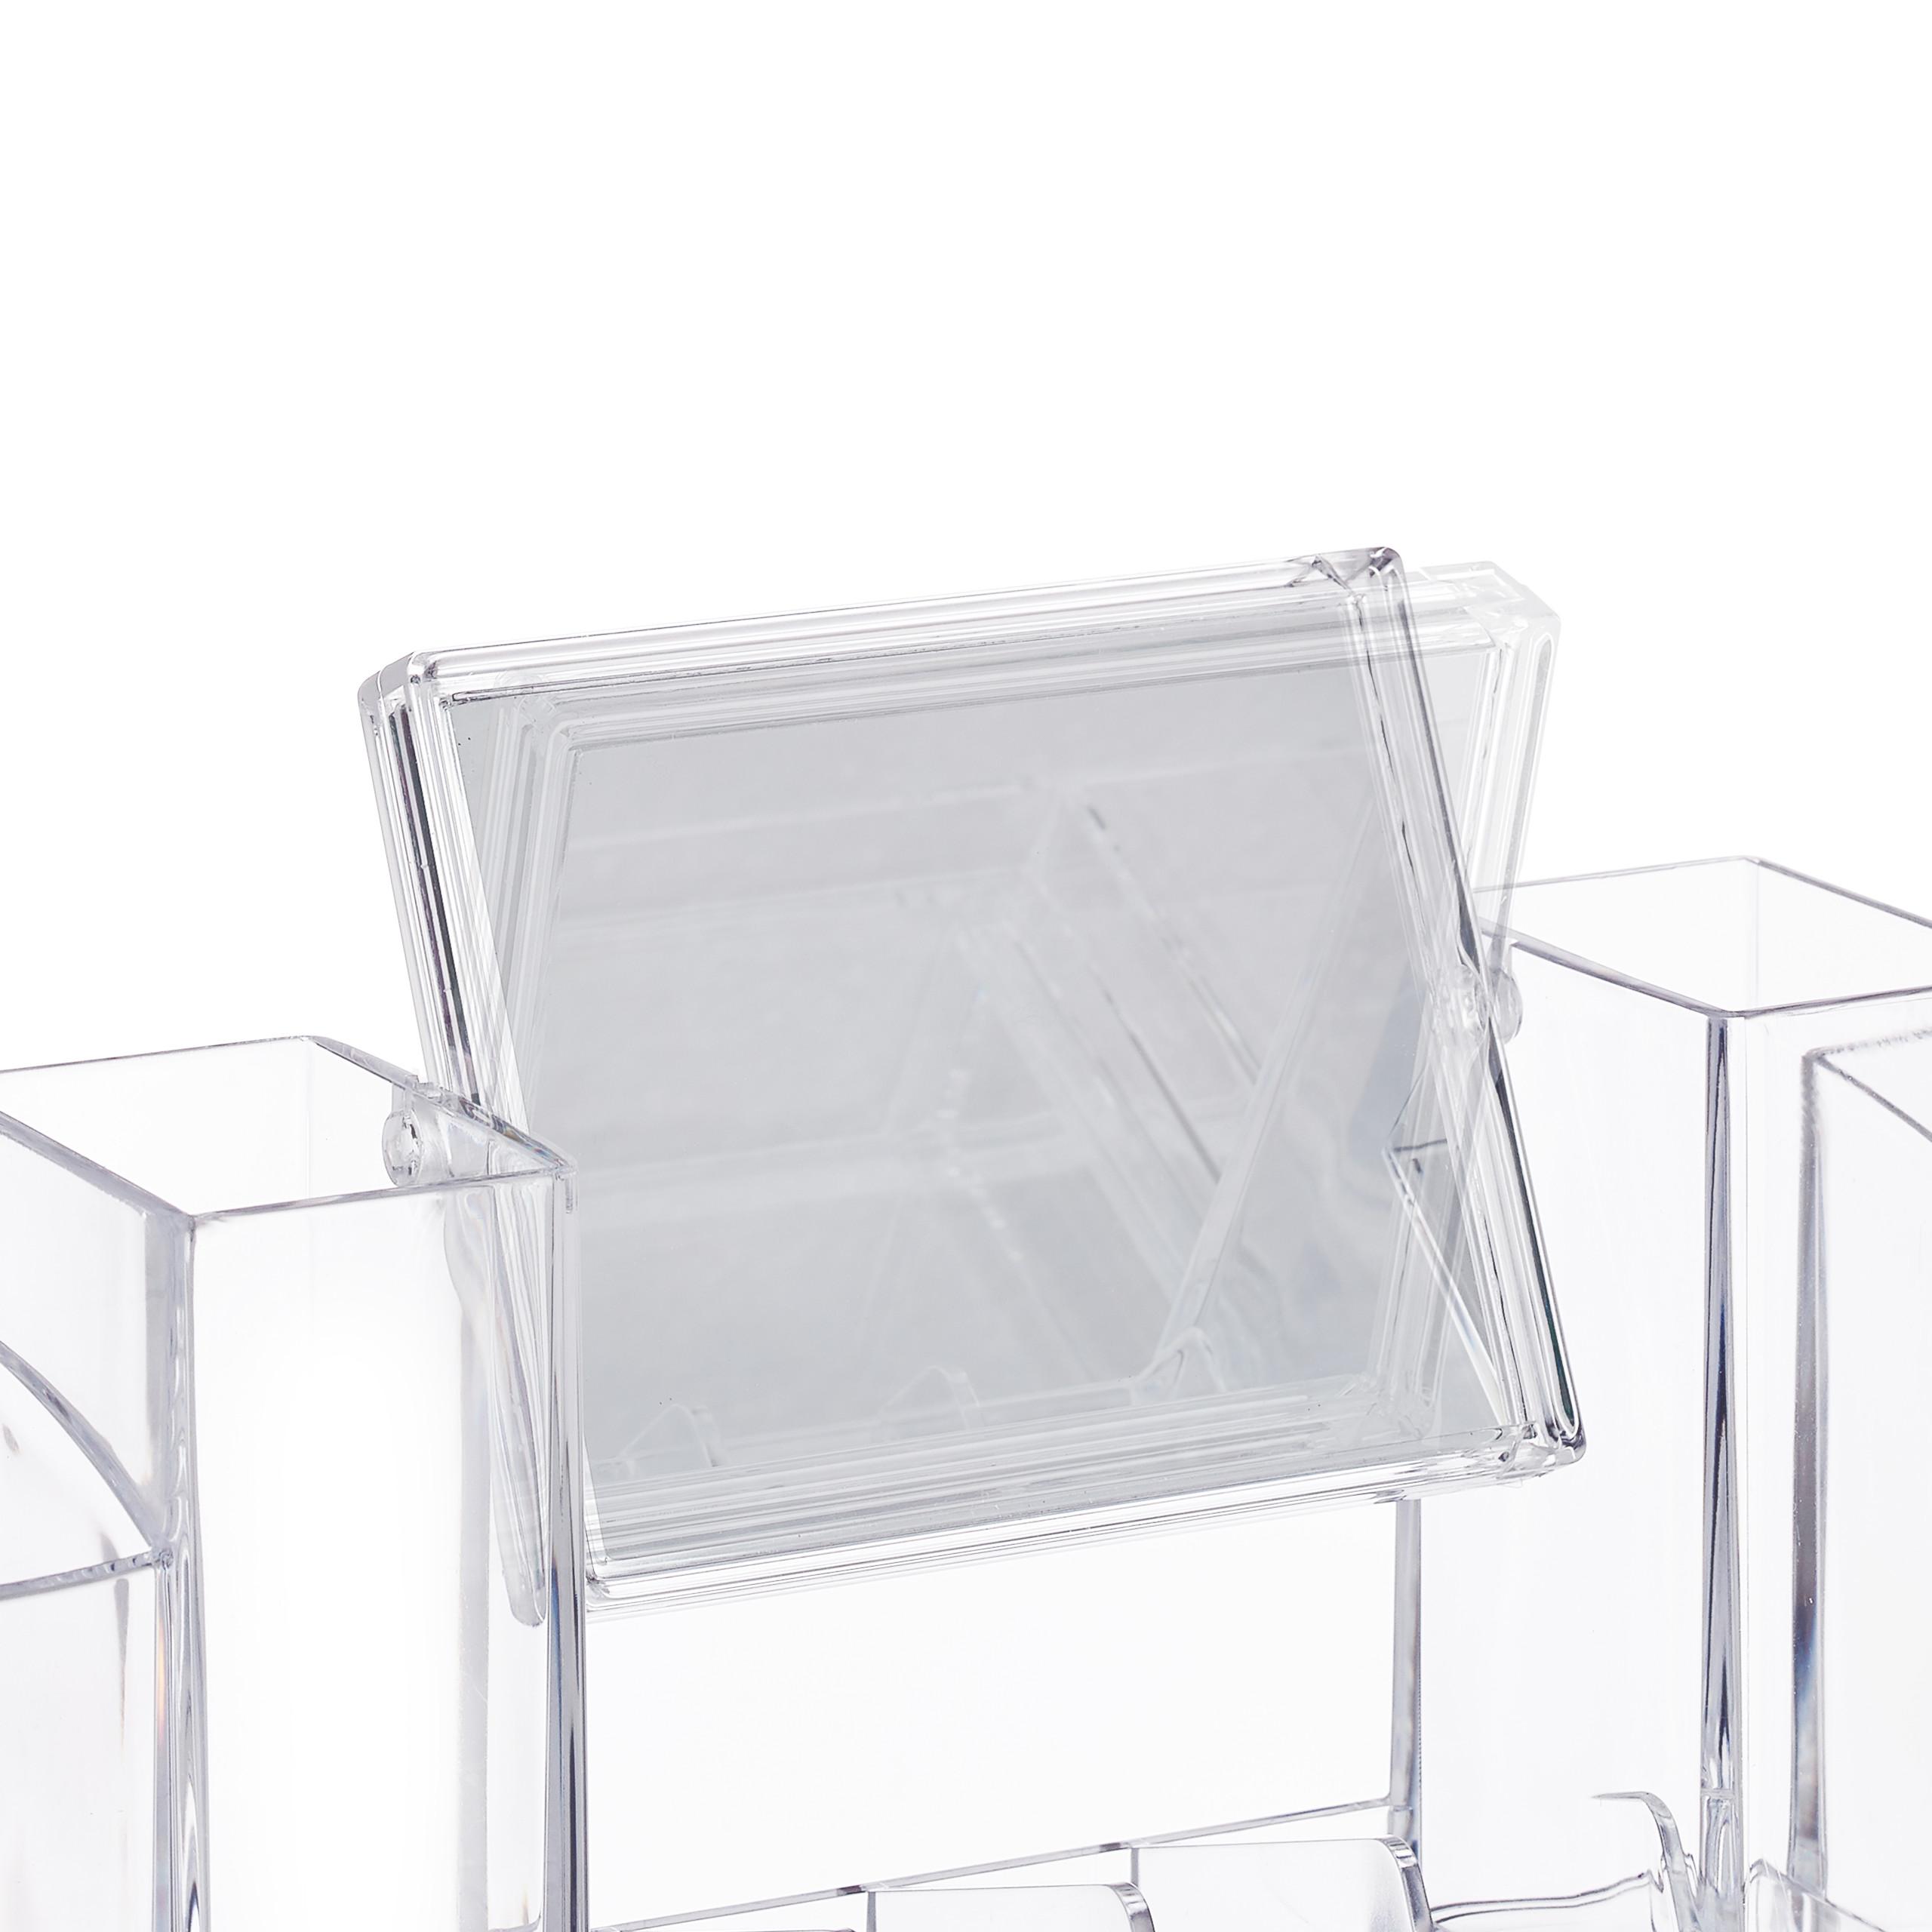 make-up-organizer-acryl-cosmetica-organizer-spiegel-sieradenkist miniatuur 8